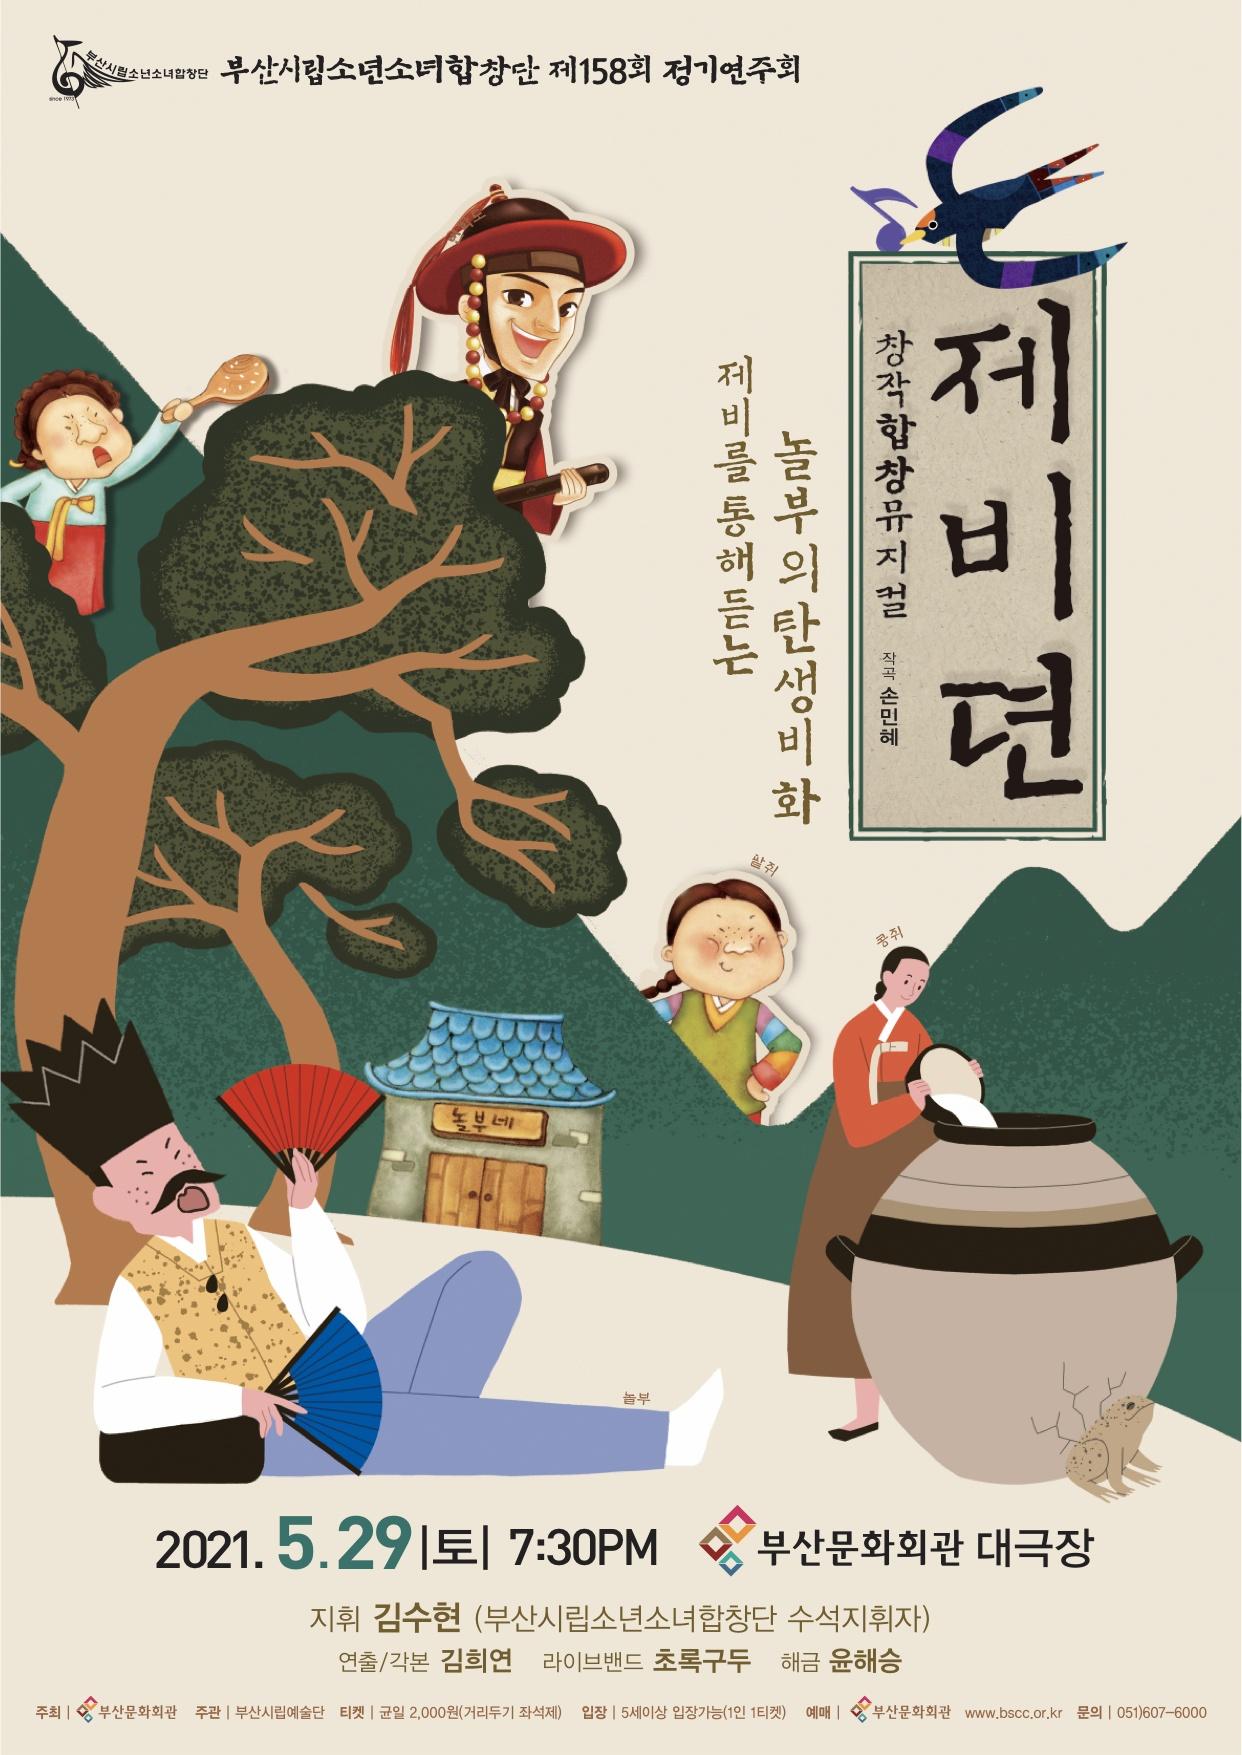 부산시립소년소녀합창단 제158회 정기연주회 '제비뎐'